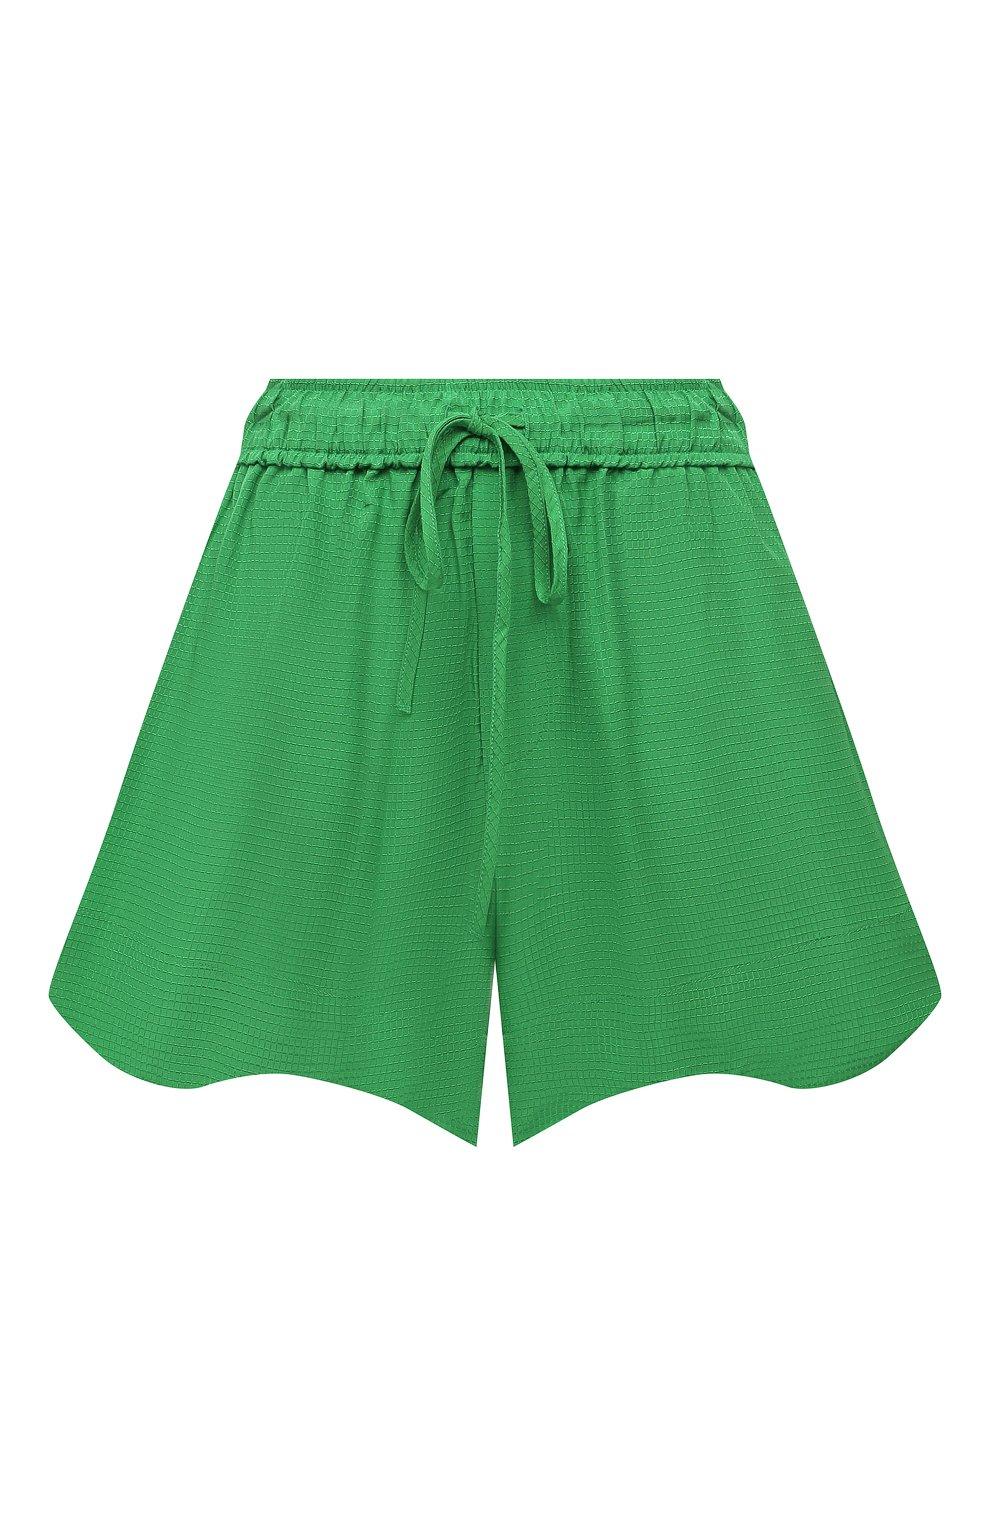 Женские шорты из вискозы GANNI зеленого цвета, арт. F6118 | Фото 1 (Женское Кросс-КТ: Шорты-одежда; Длина Ж (юбки, платья, шорты): Мини; Материал внешний: Вискоза; Стили: Романтичный)